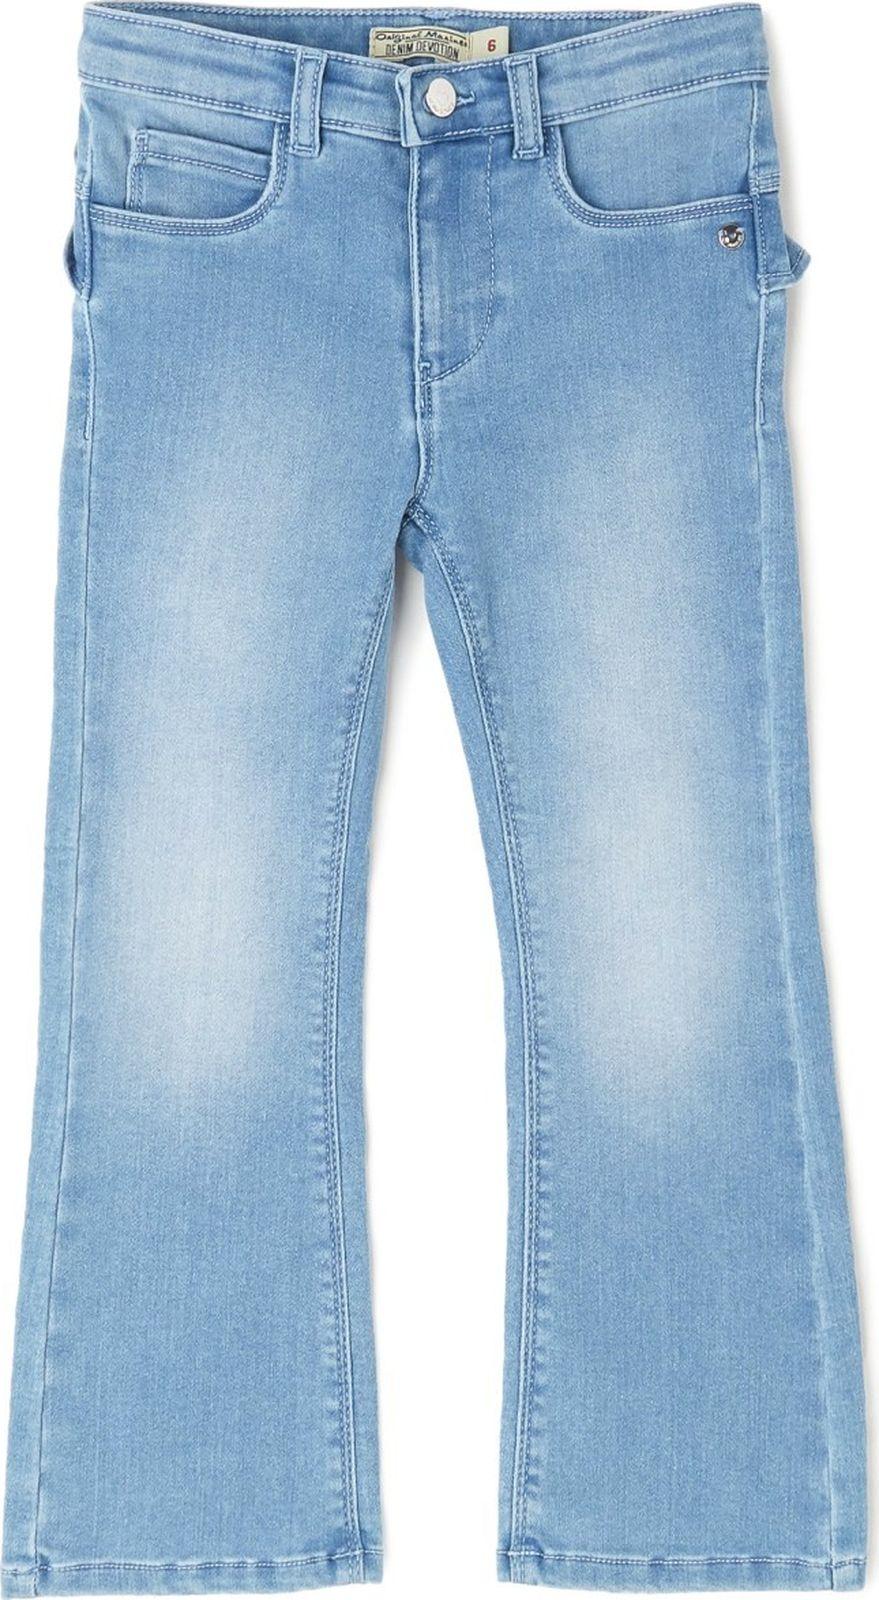 Джинсы Original Marines брюки джинсы и штанишки s'cool брюки для девочки hip hop 174059